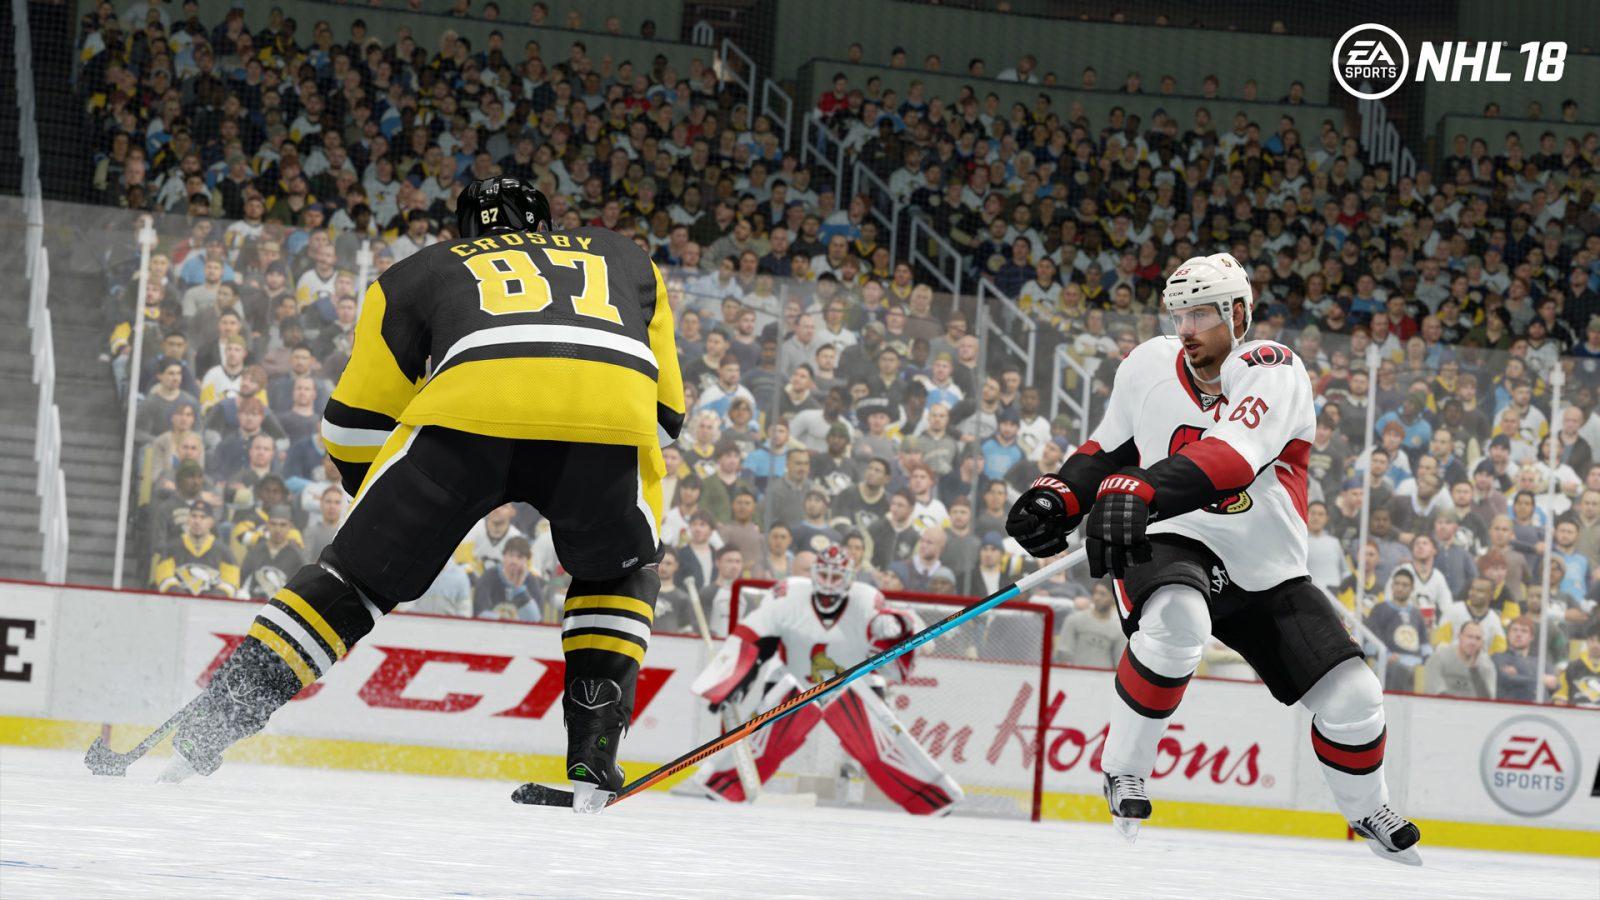 TÄVLING: Vinn NHL18 till din konsol